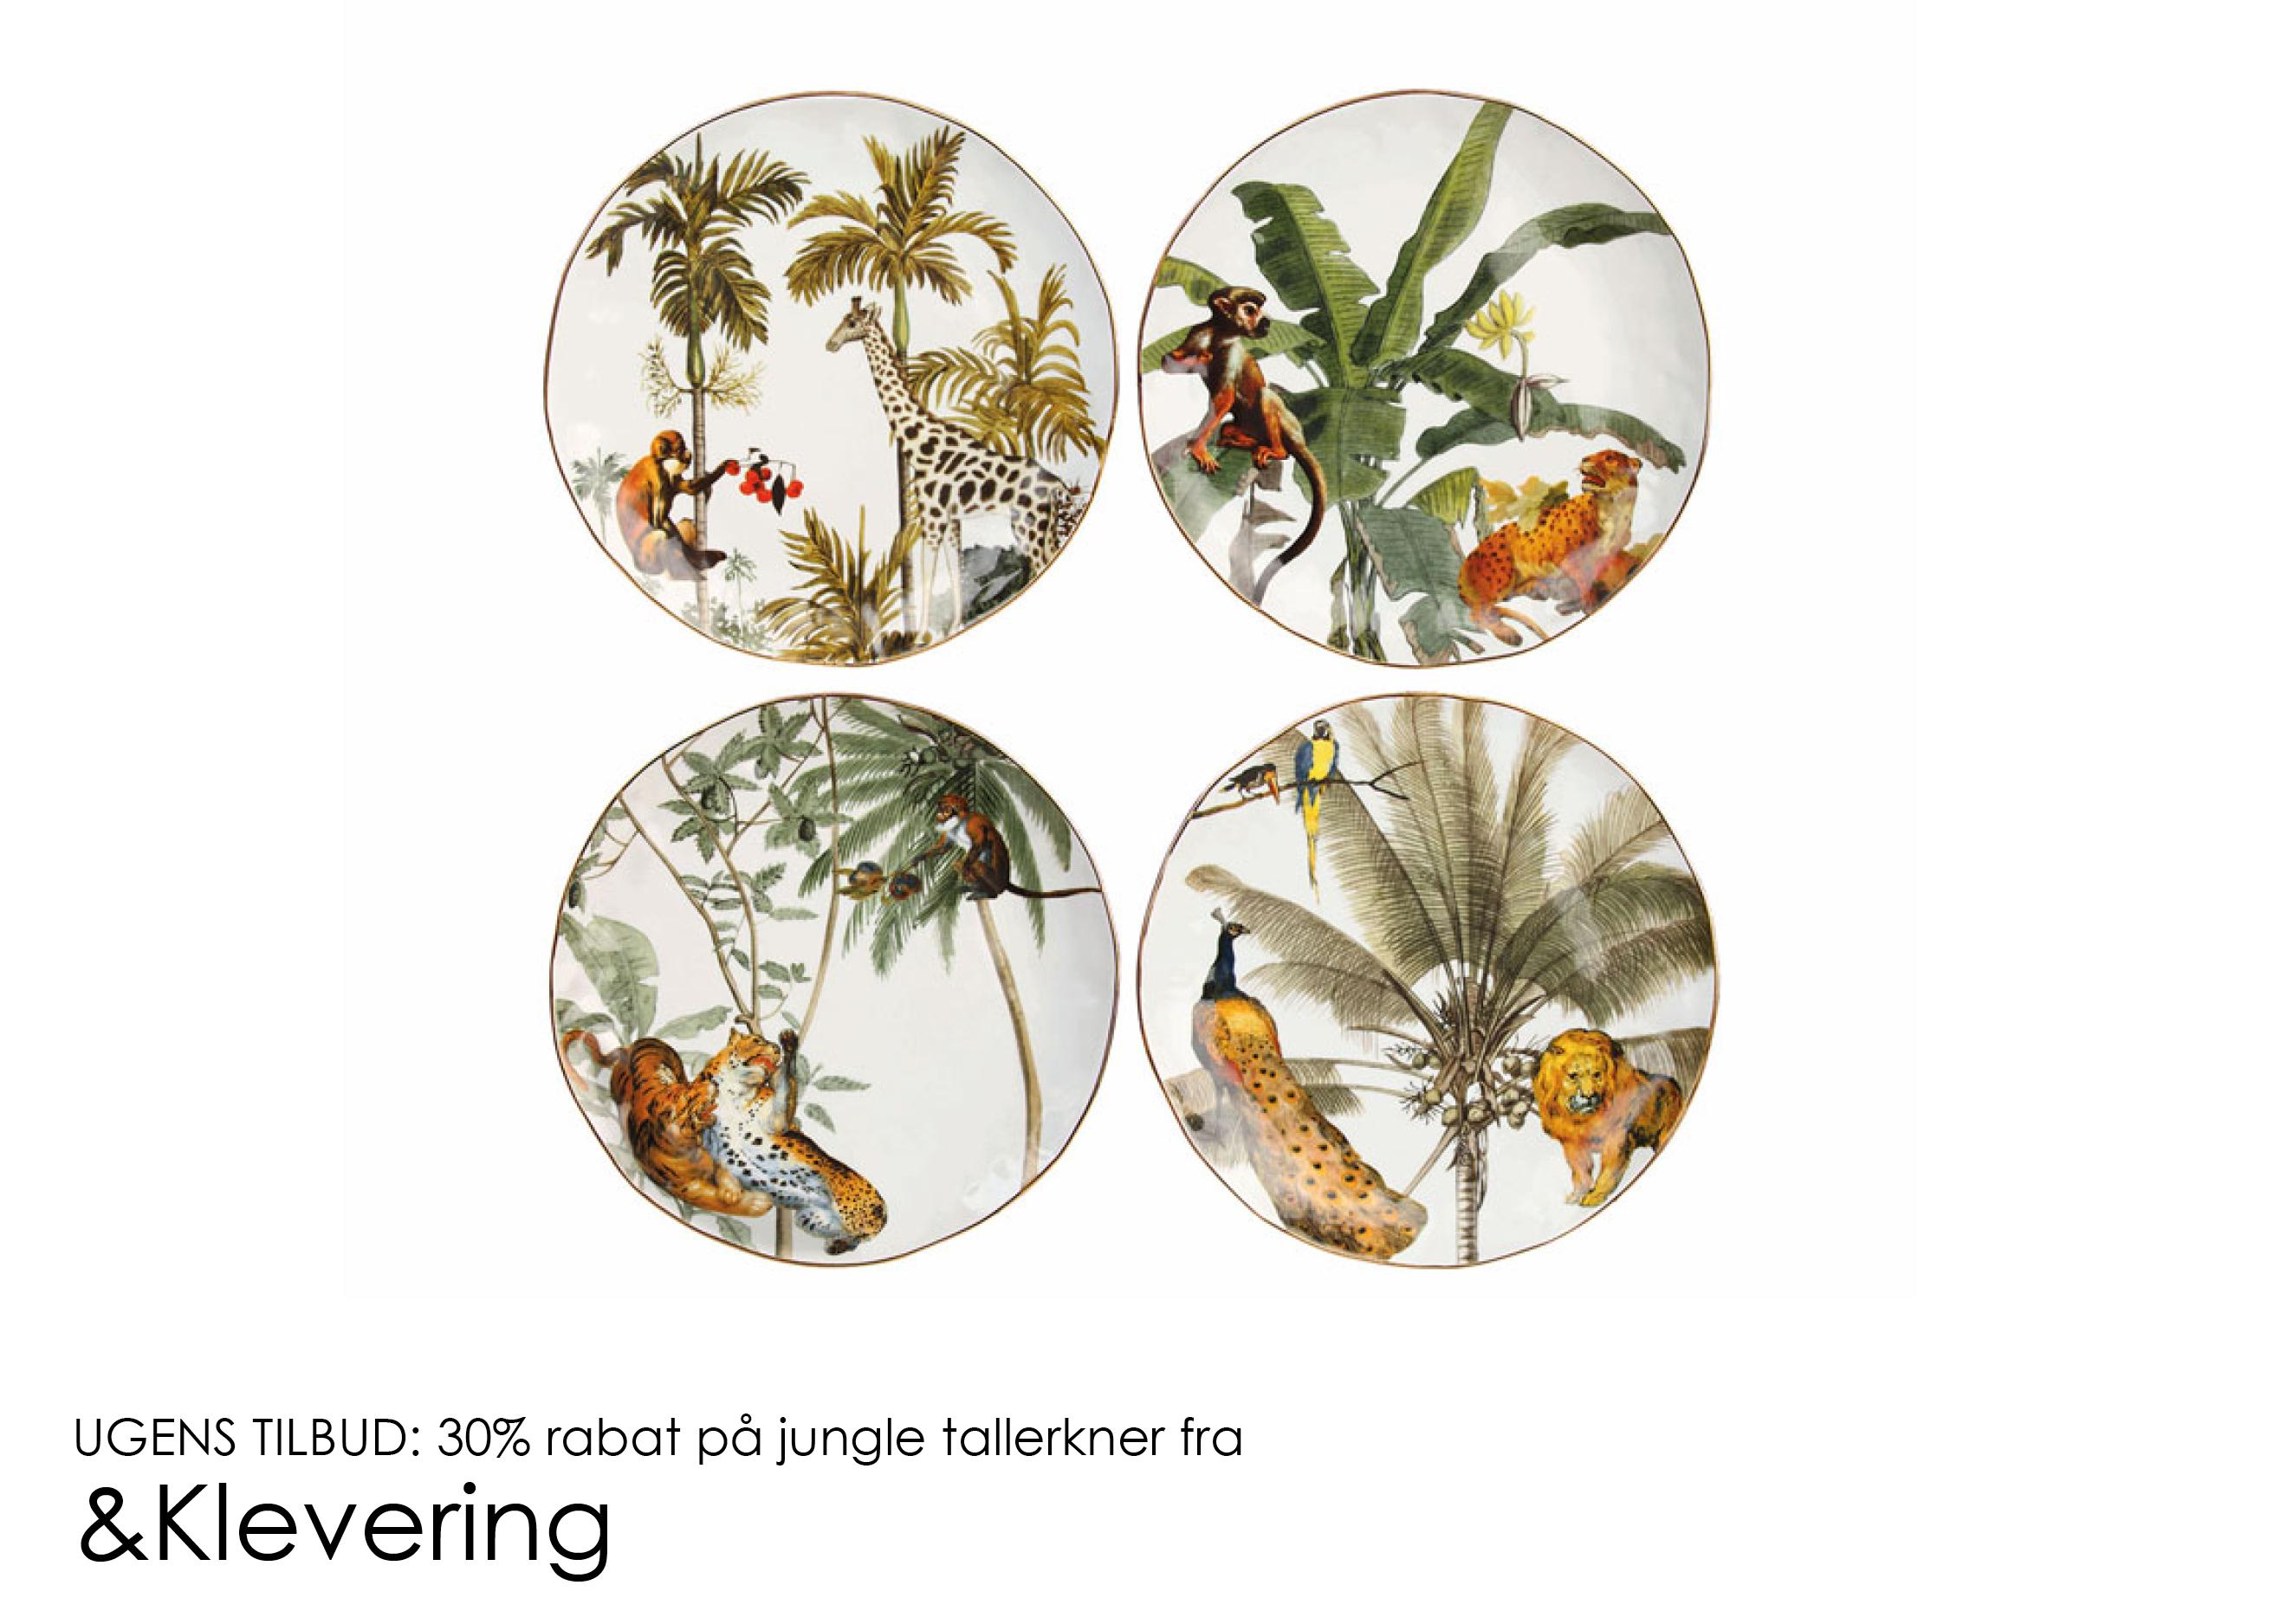 Ugens tilbud: 30% rabat på Jungle tallerkner fra &Klevering